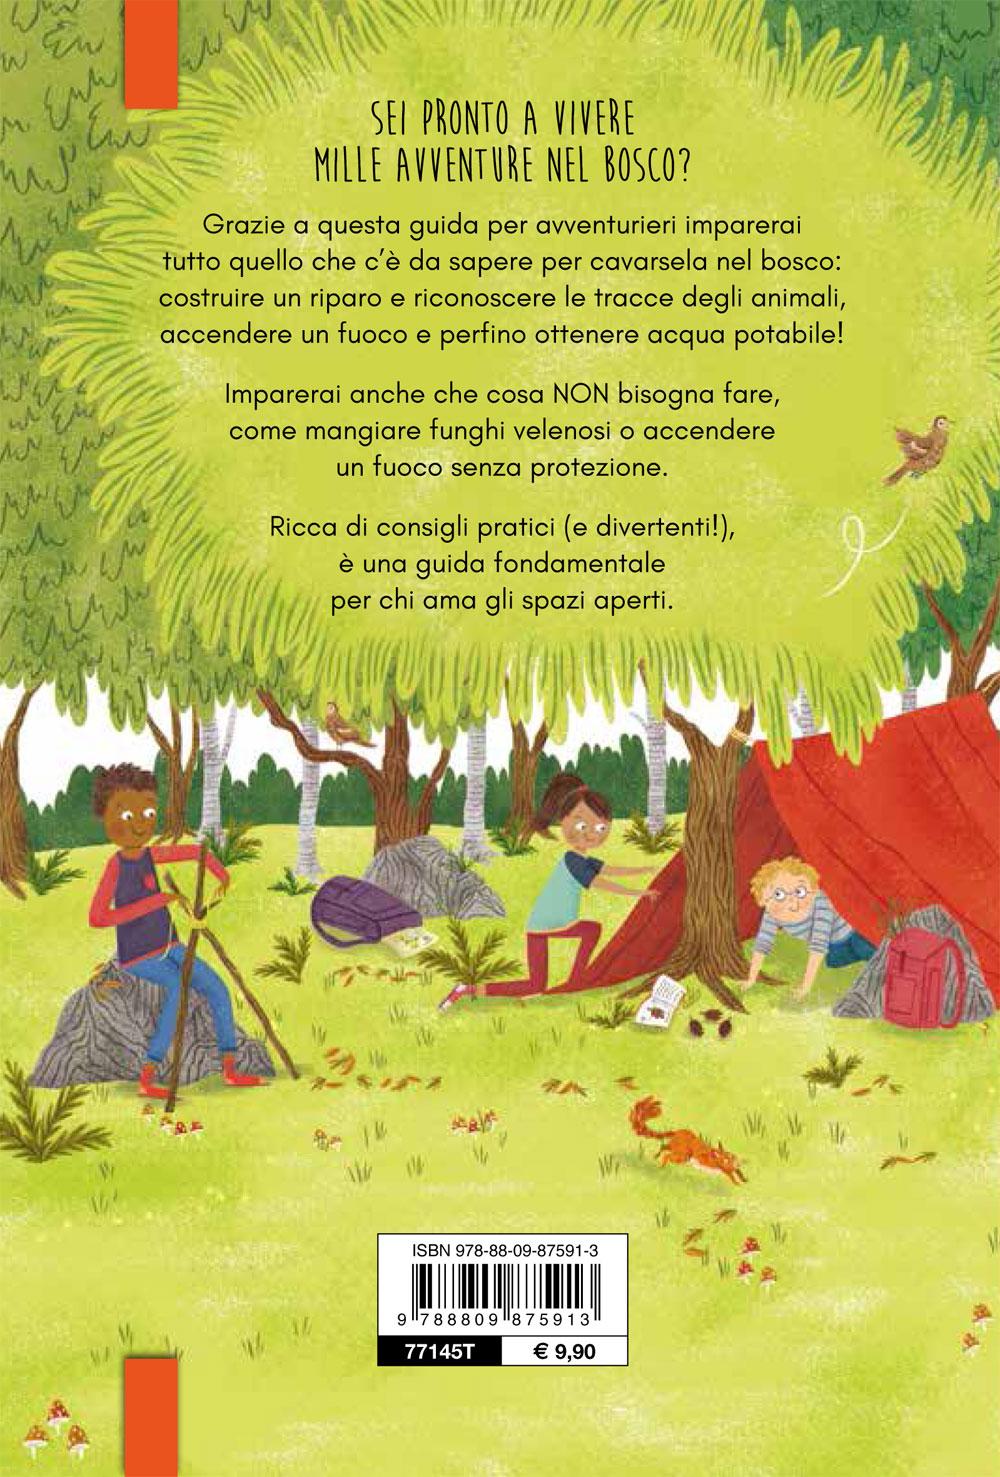 Manuale delle avventure nel bosco